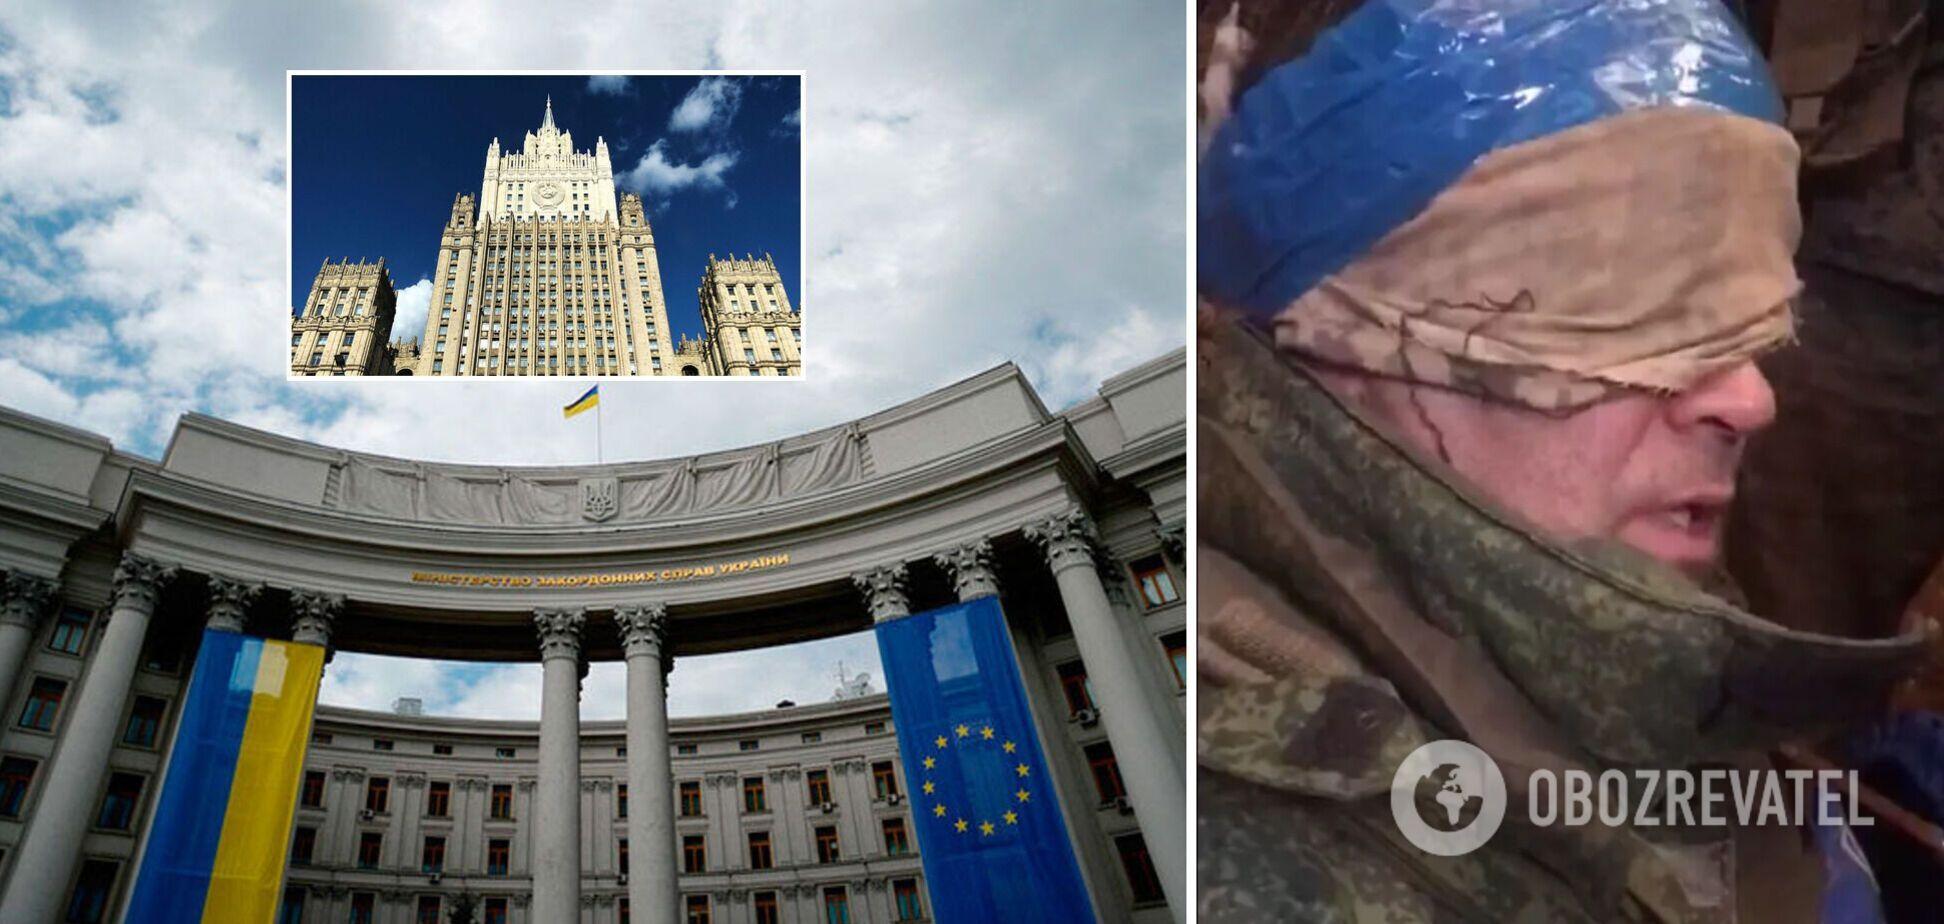 РФ продемонстрировала свое отношение к людям с российскими паспортами